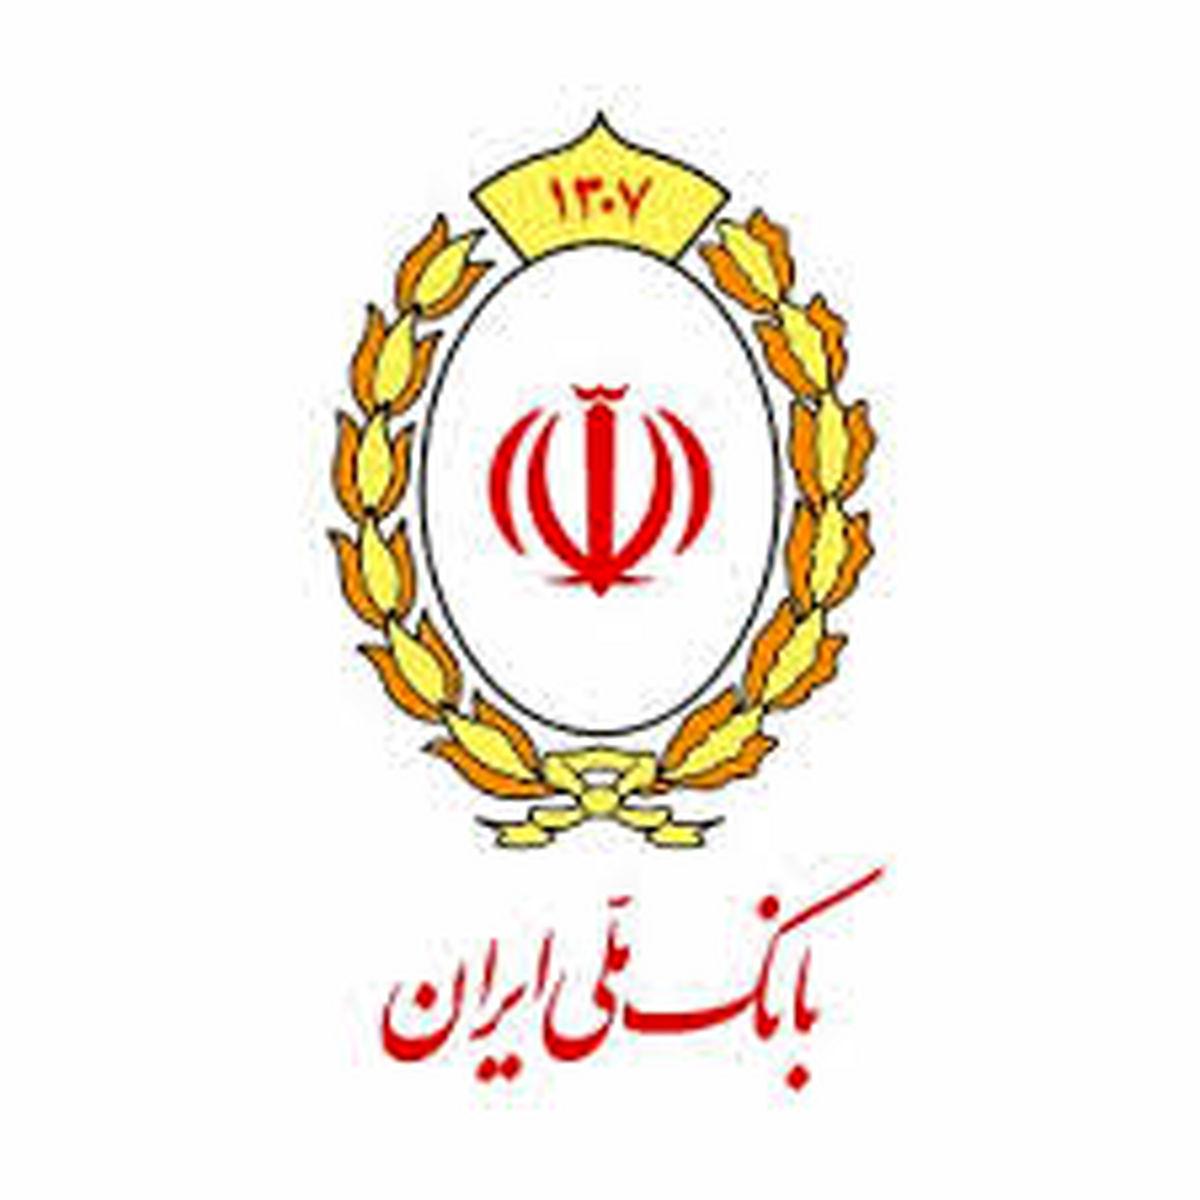 واگذاری چک، بدون حضور در شعب بانک ملی ایران